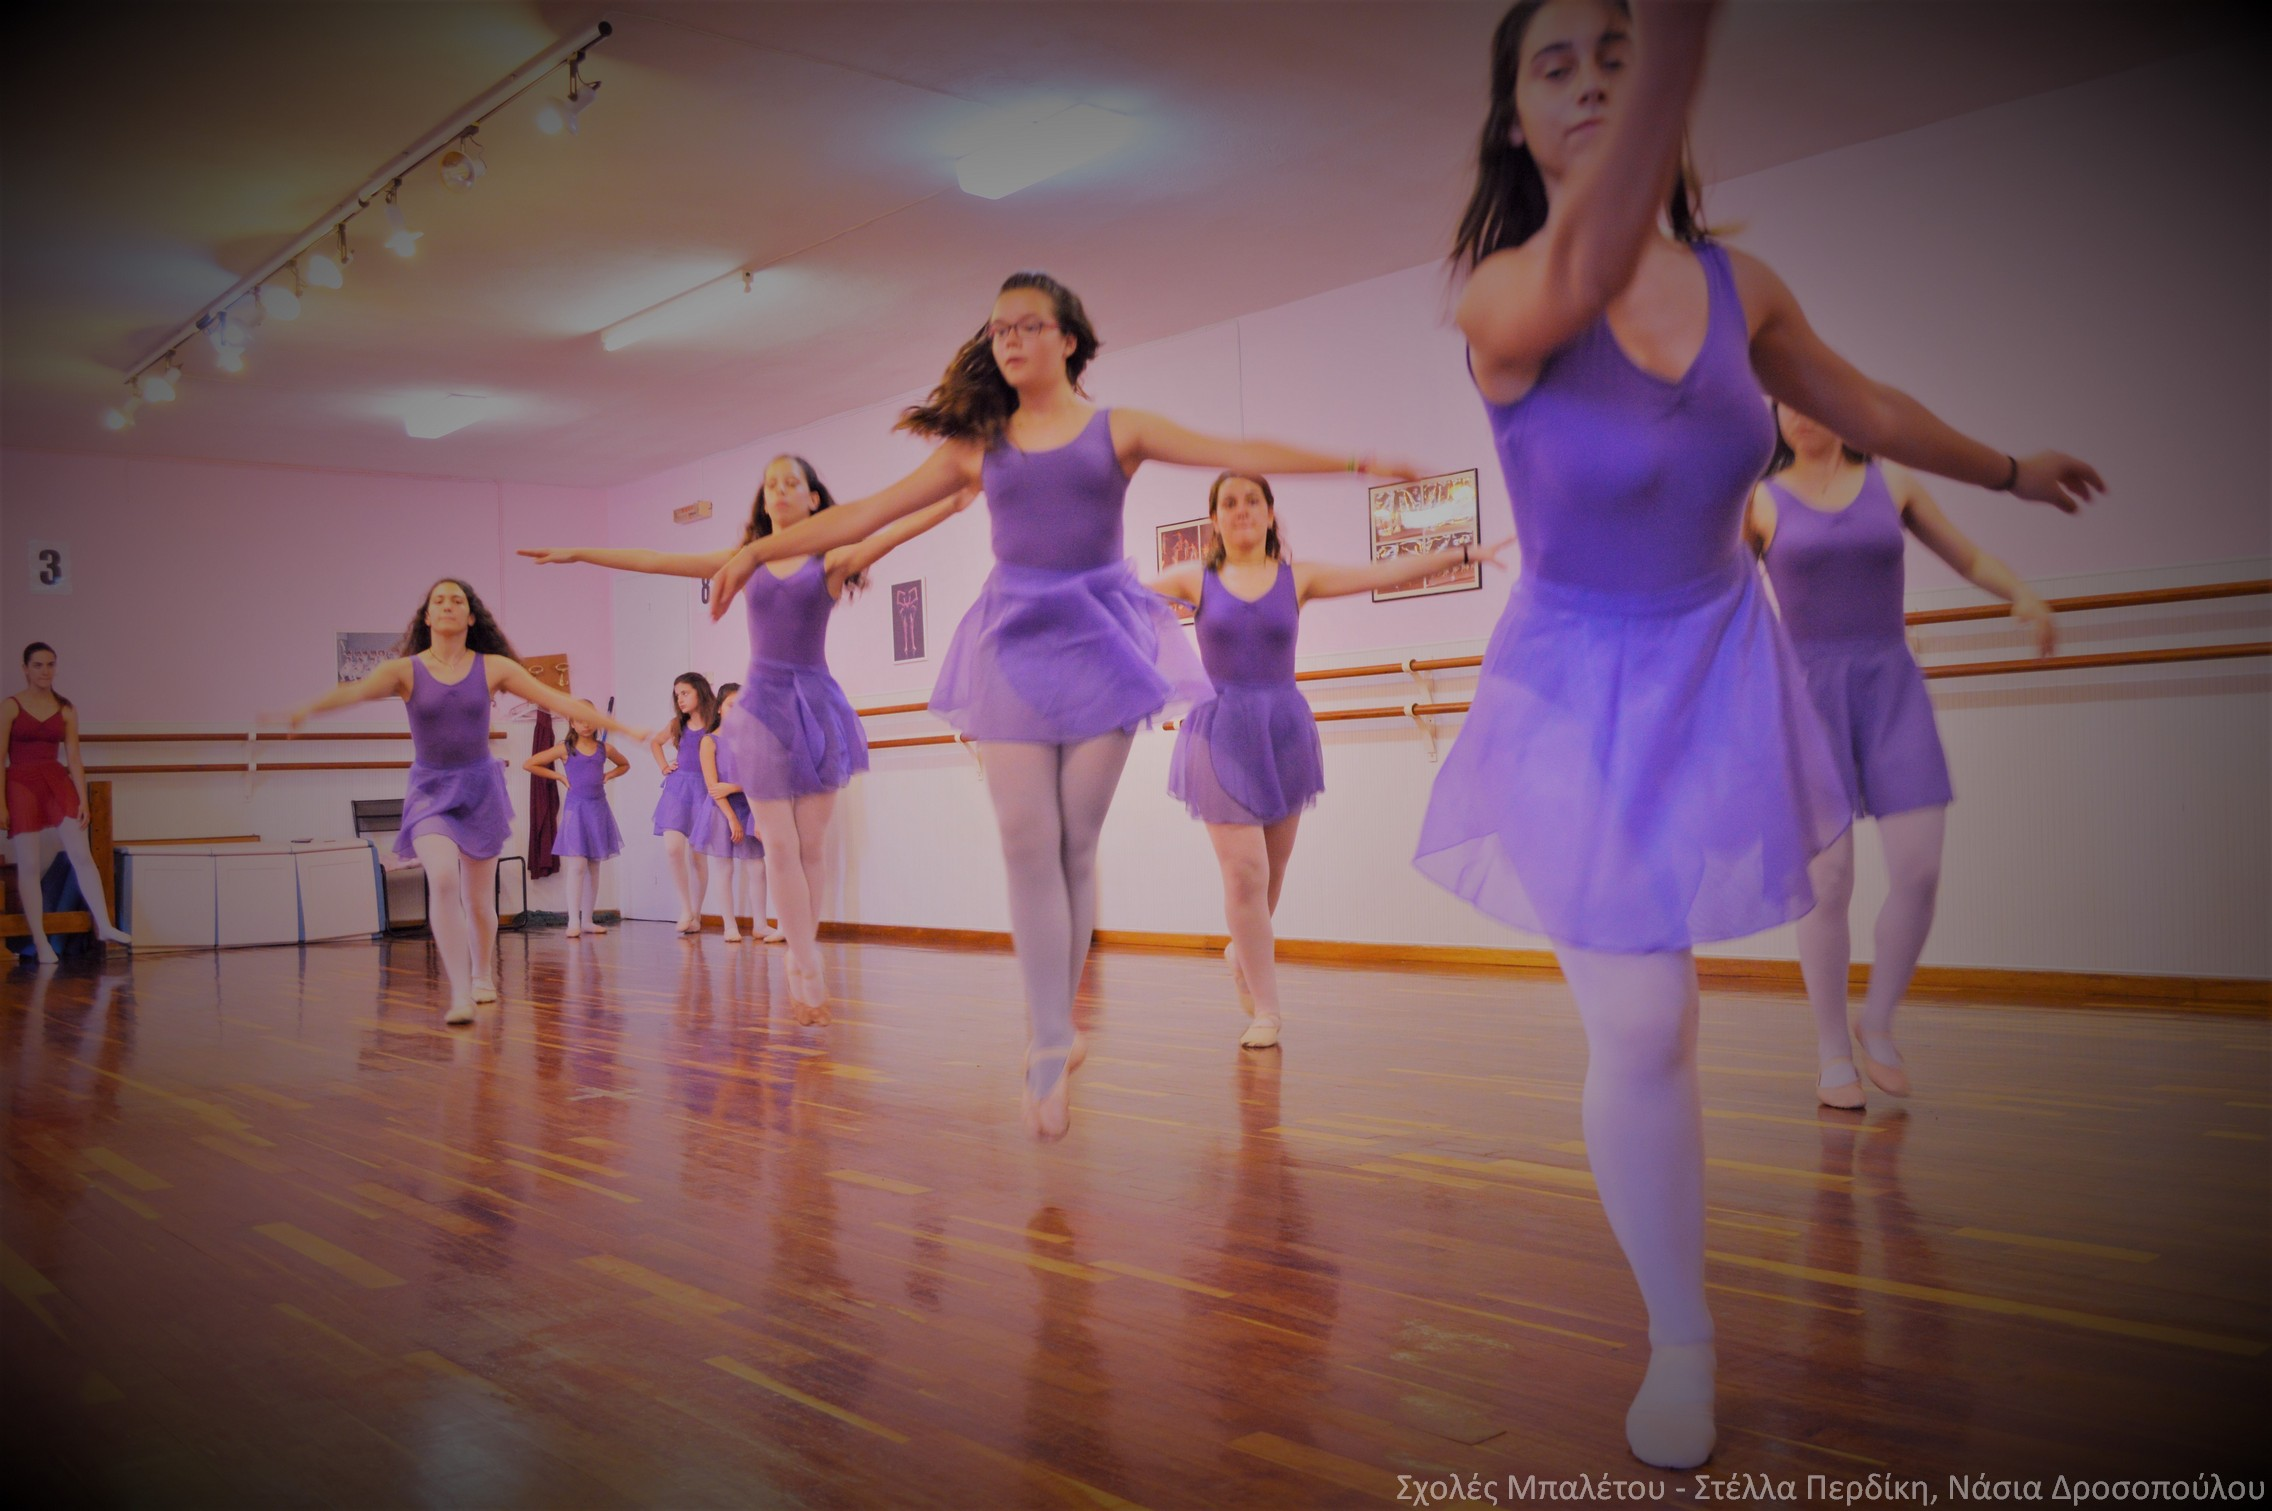 aac42525aa6 Μαθήματα - Σχολές Μπαλέτου Σ.Περδίκη - Ν.Δροσοπούλου